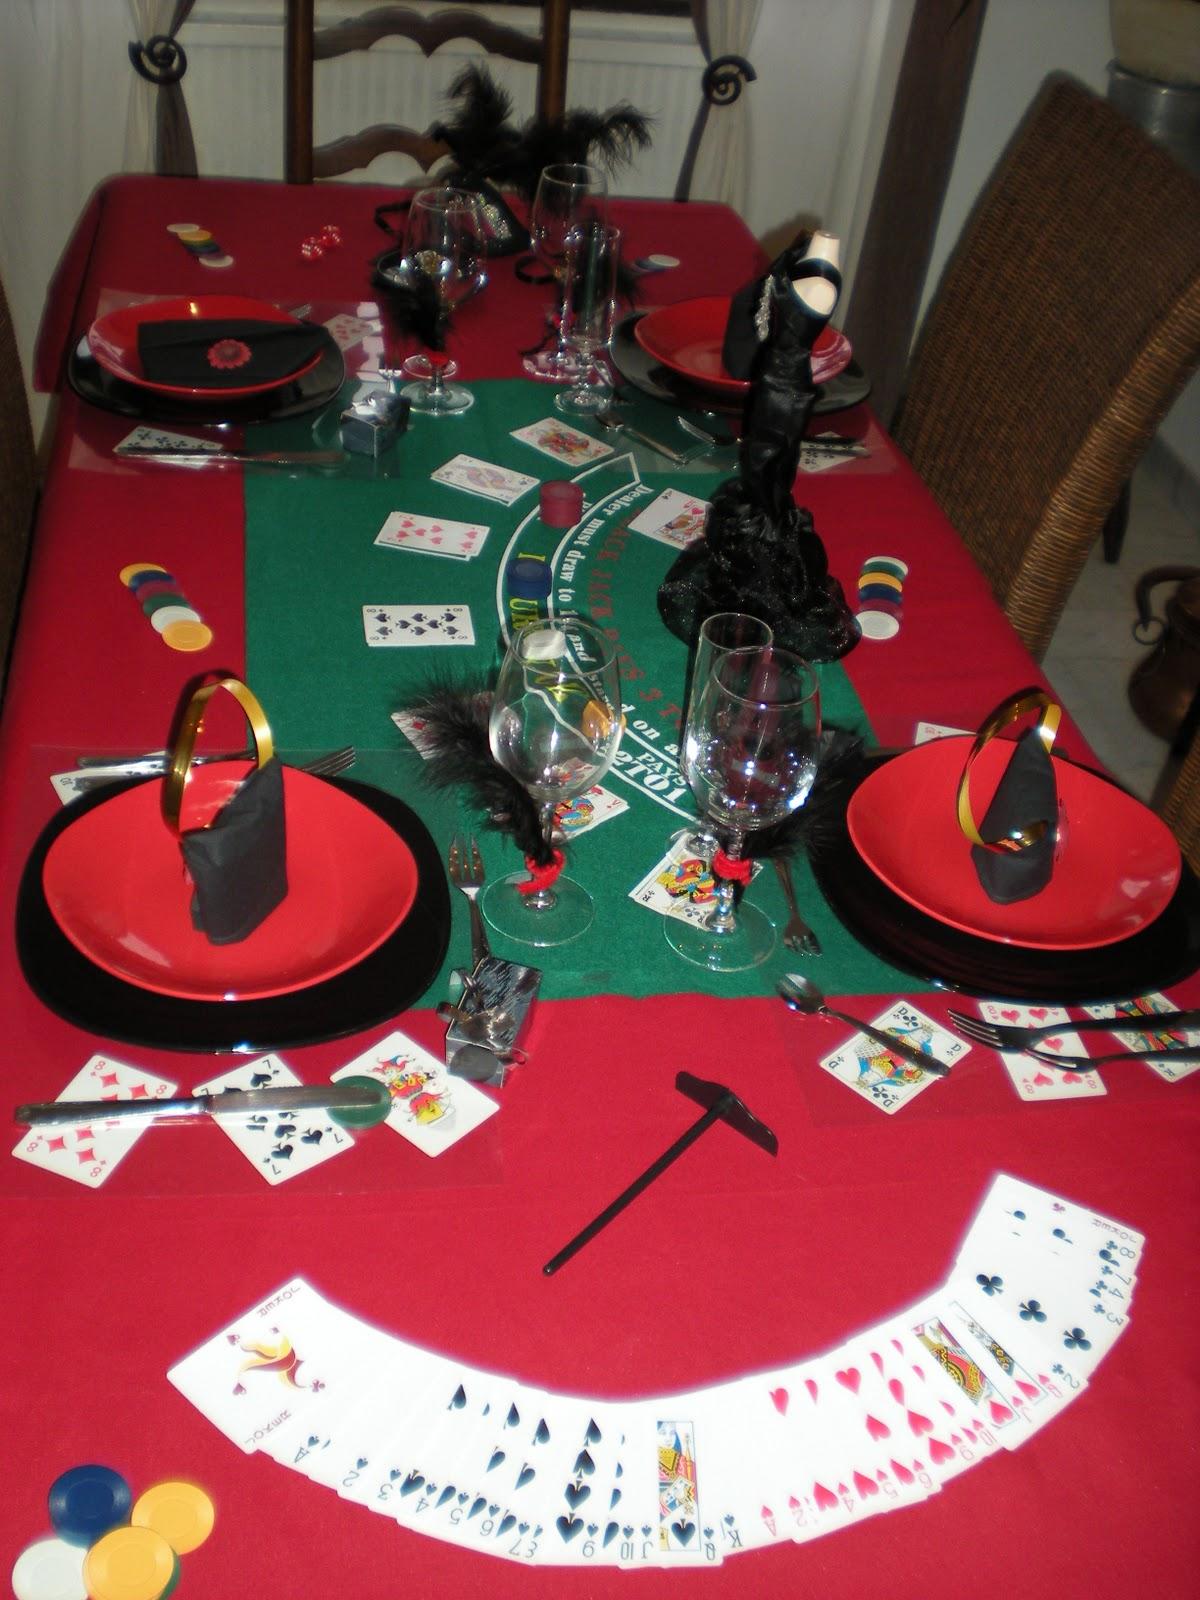 le set de table une feuille de plastique rigide a3 pos e sur quelques cartes jouer. Black Bedroom Furniture Sets. Home Design Ideas